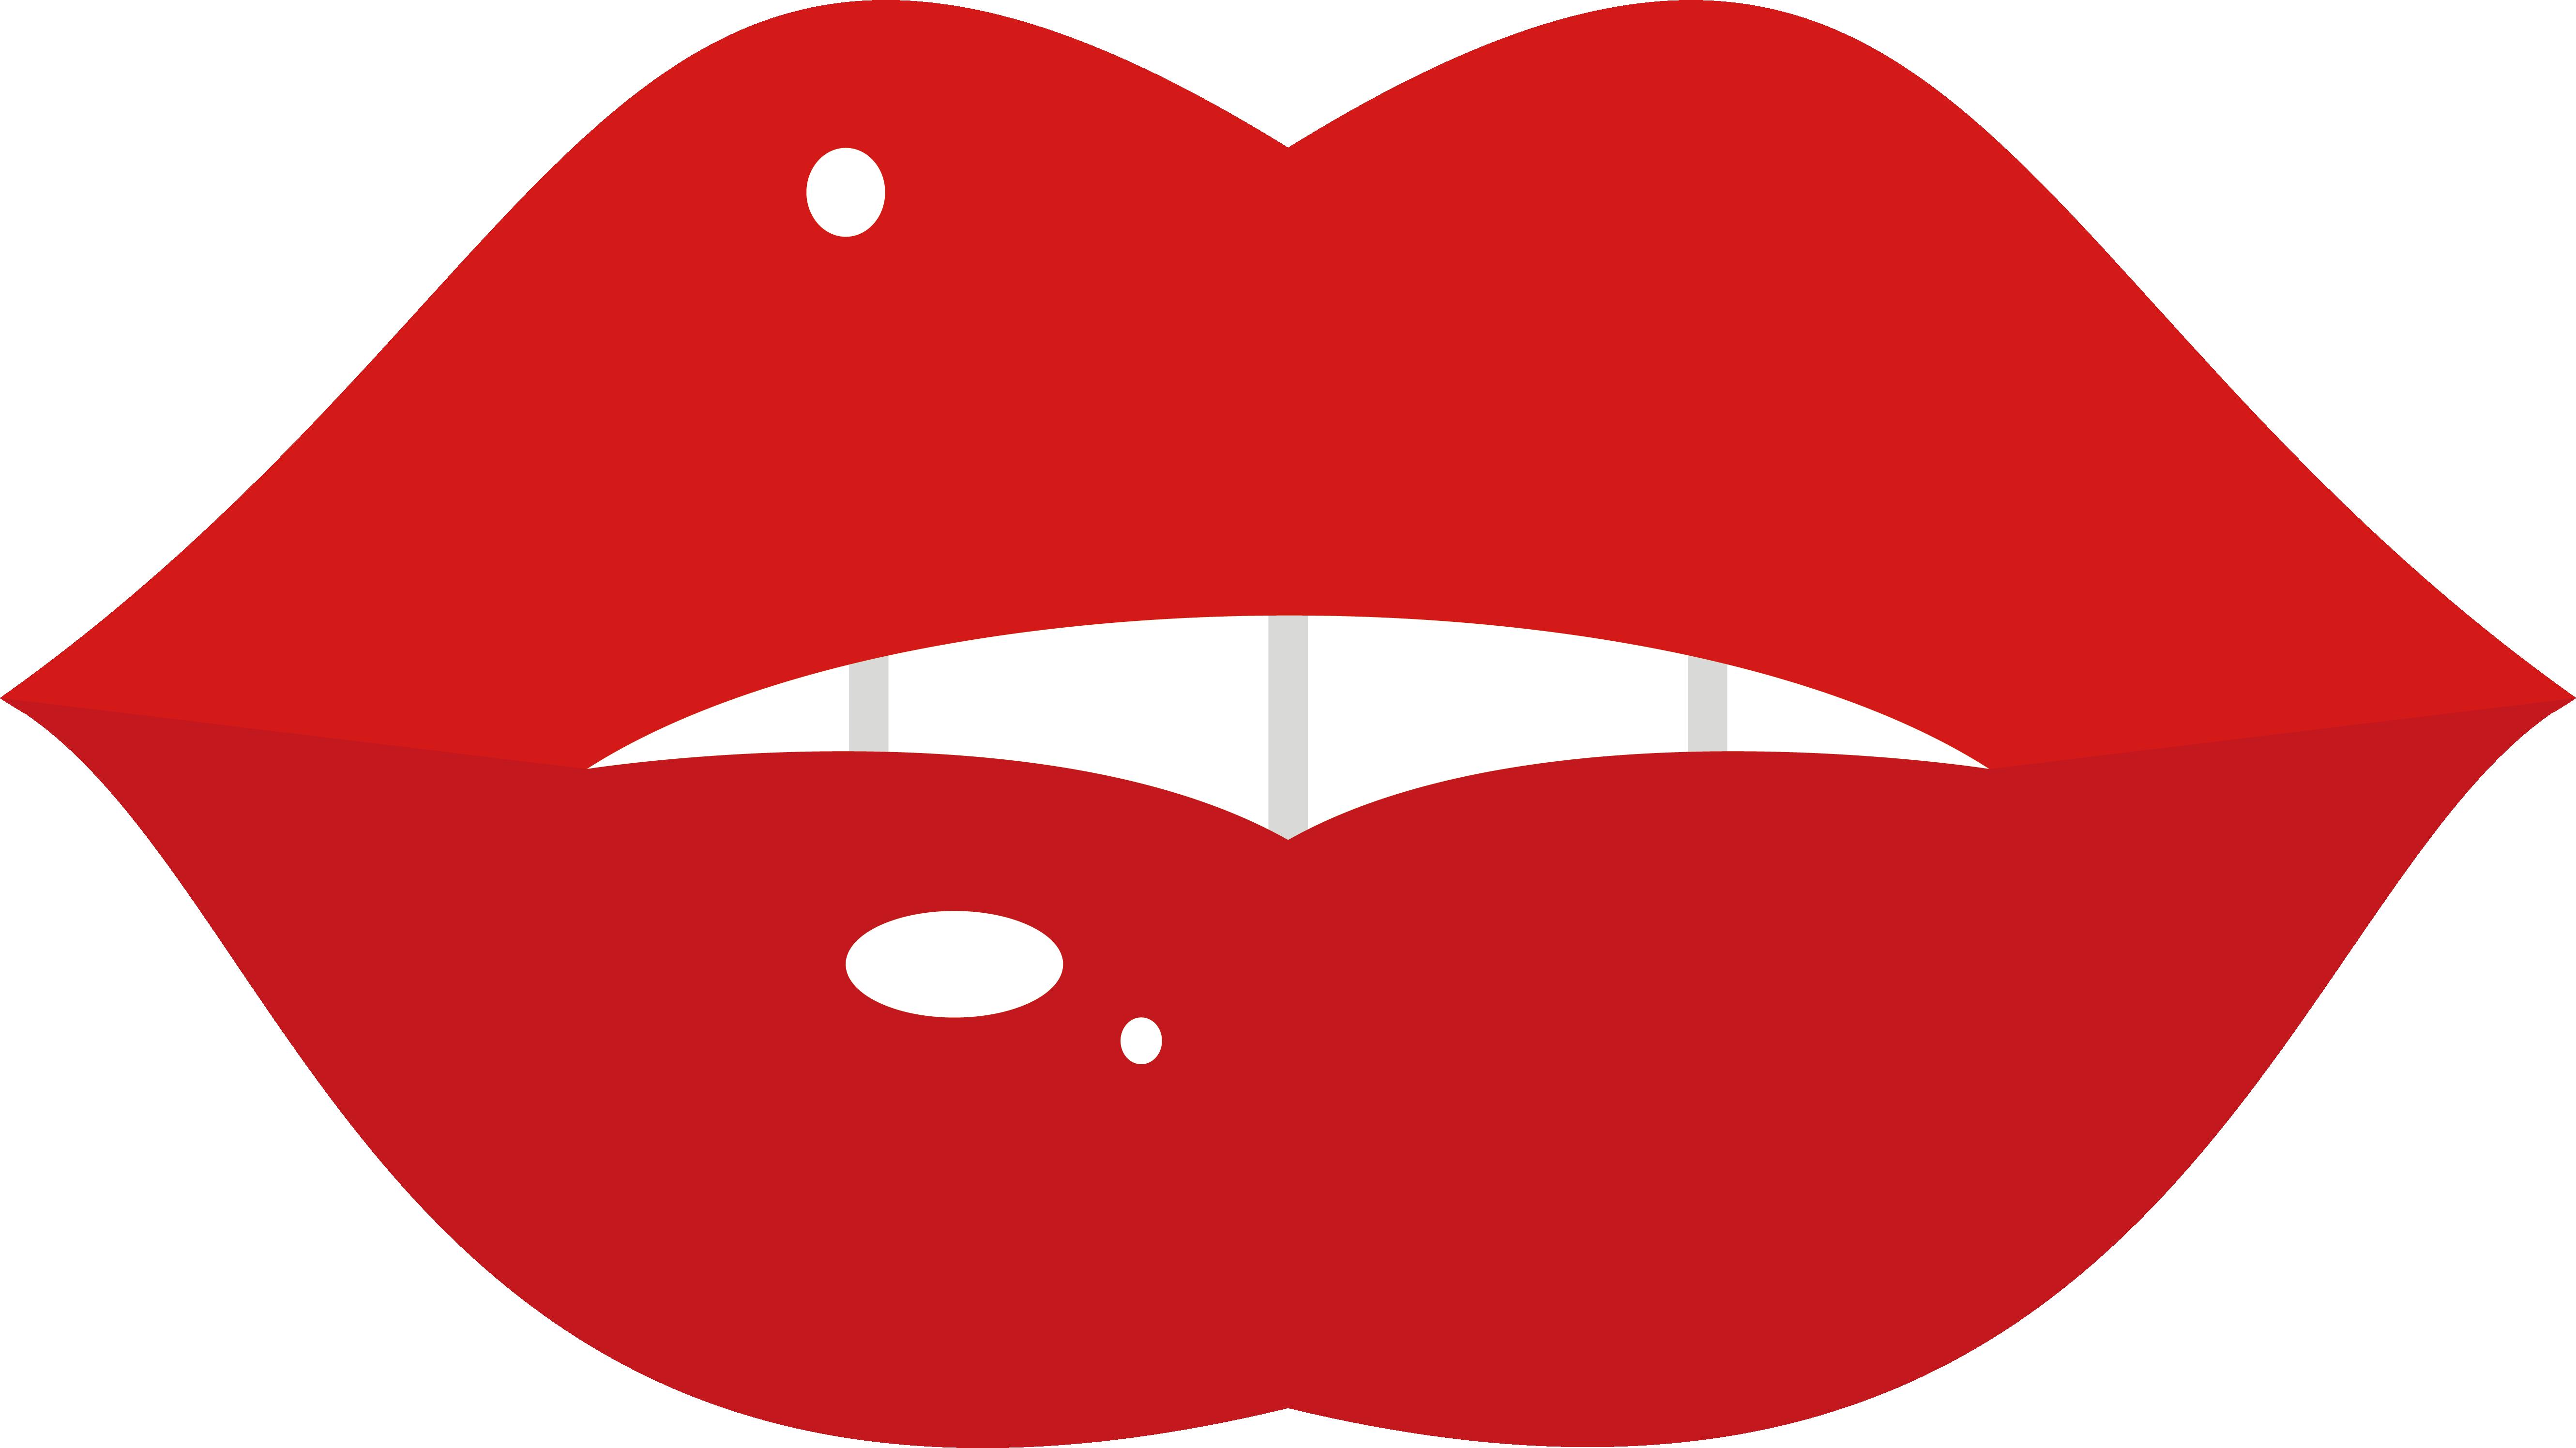 lipstick clipart red lipstick